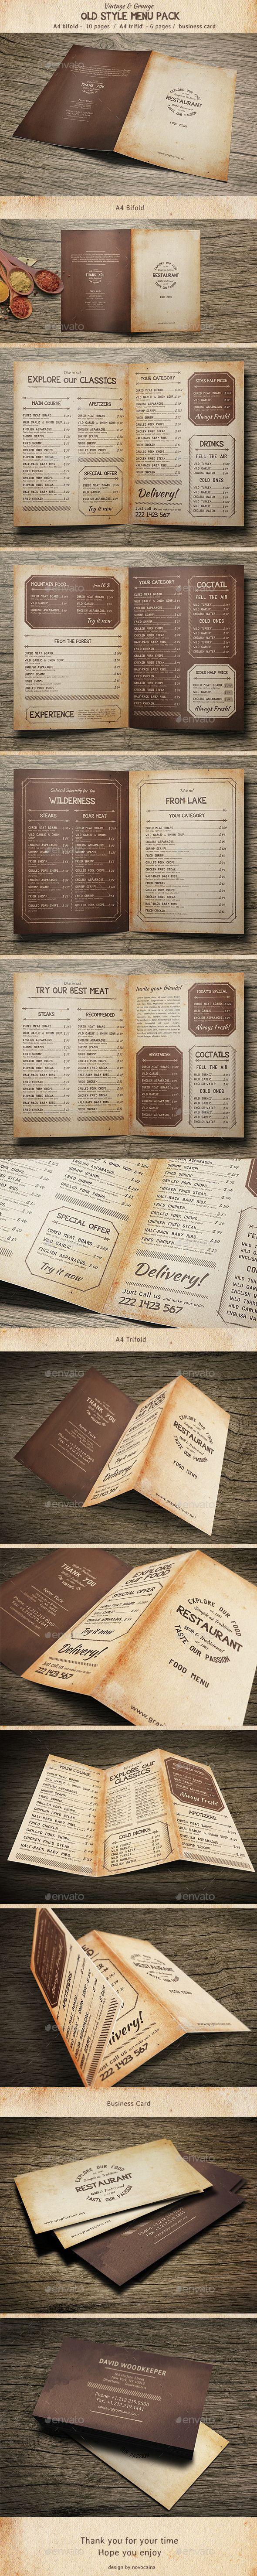 бланк меню для кафе образец